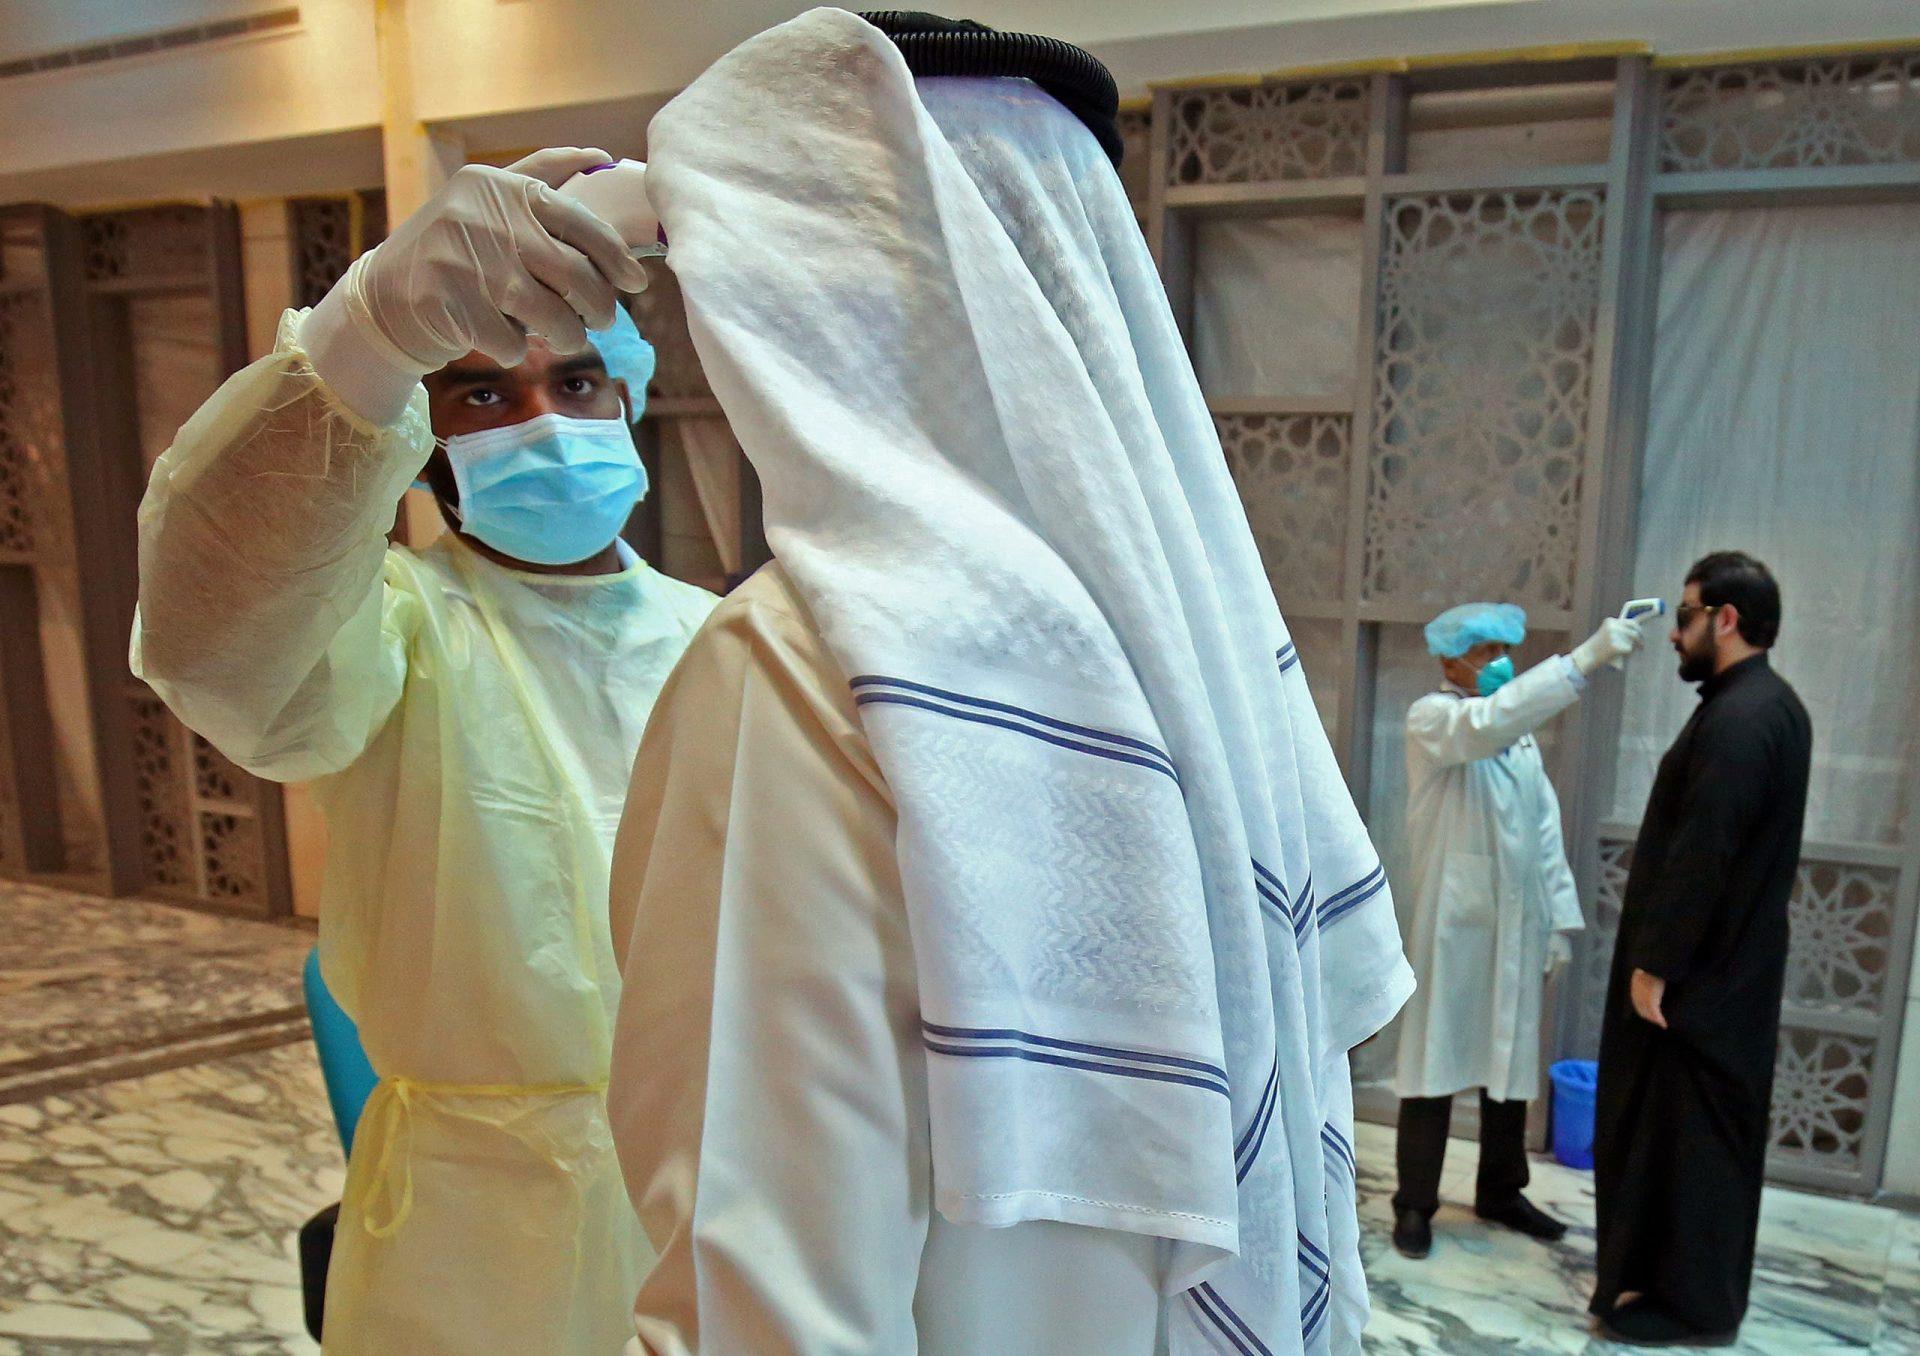 """فيديو """"لا يبشر بخير"""" من الكويت بعد وضع 5 عمارات في المهبولة تحت المراقبة.. هذا ما قاله مسؤول صحي من الداخل"""